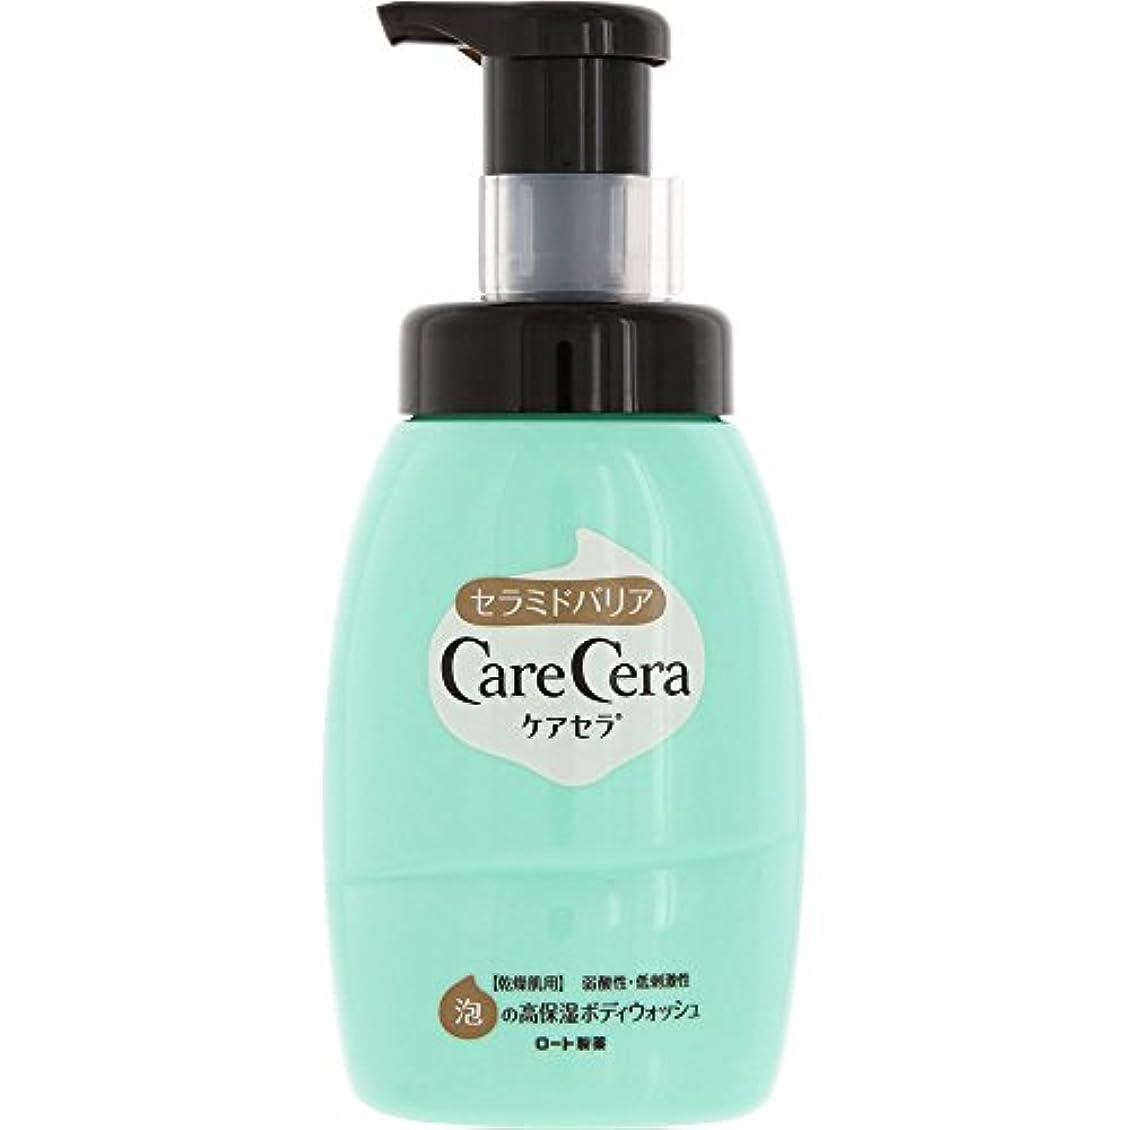 くしゃみ準備配分ケアセラ(CareCera) ロート製薬 ケアセラ  天然型セラミド7種配合 セラミド濃度10倍泡の高保湿 全身ボディウォッシュ ピュアフローラルの香り お試し企画品 300mL